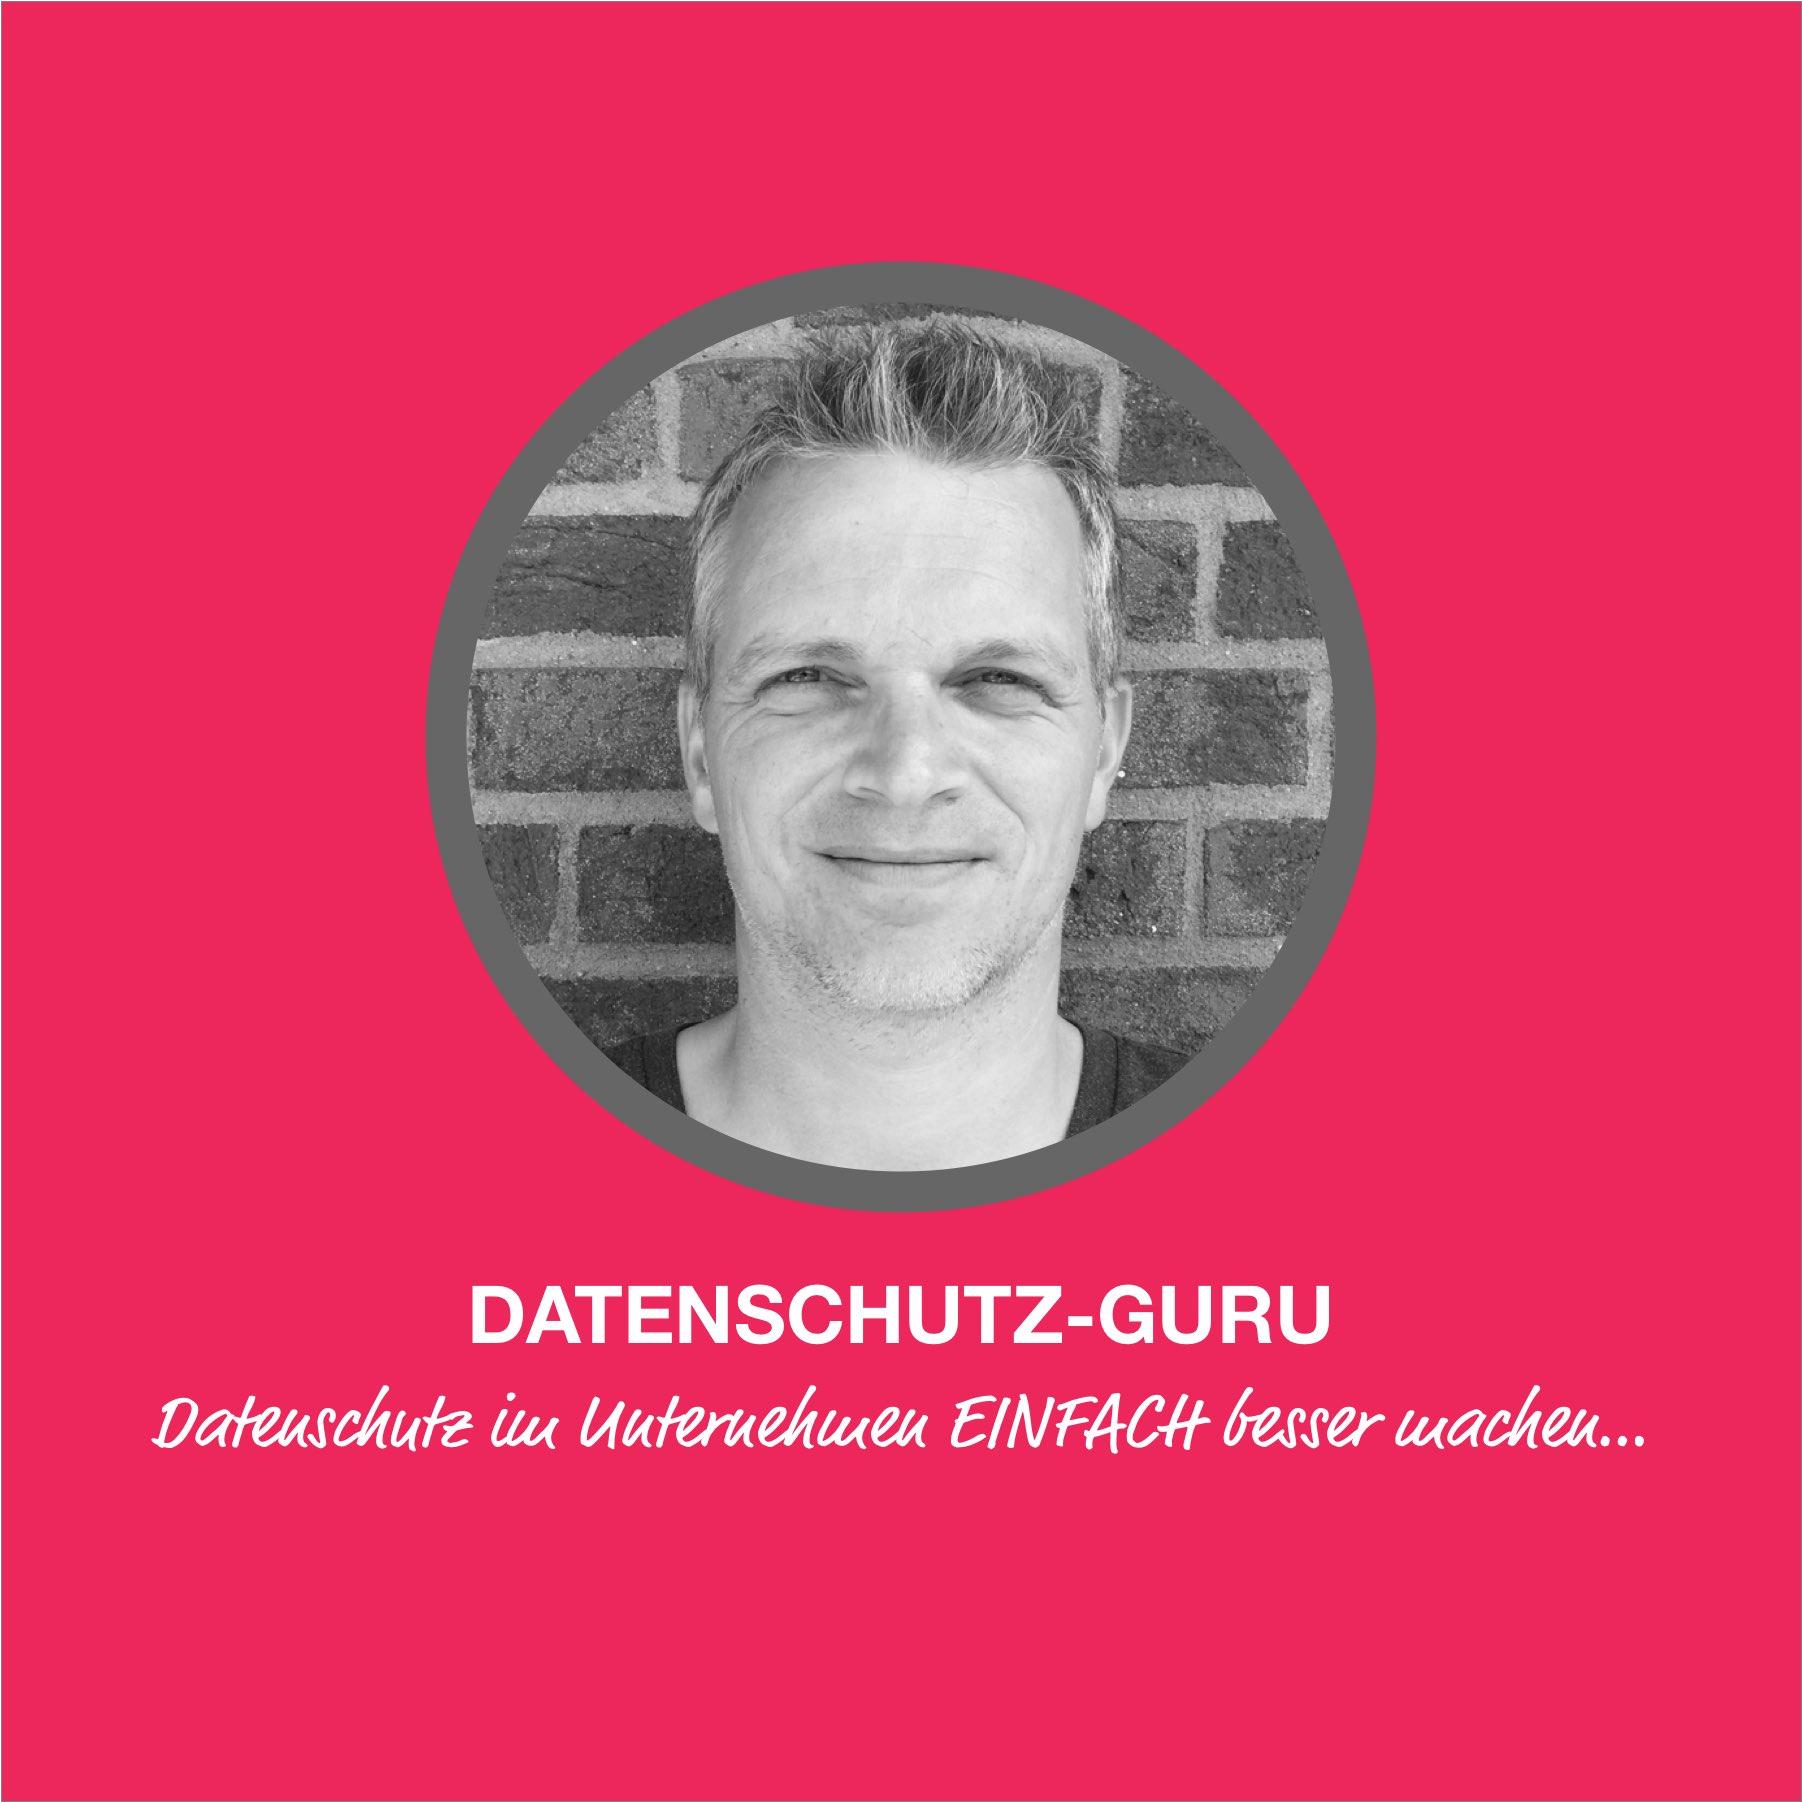 Datenschutz-Guru - der Podcast show art